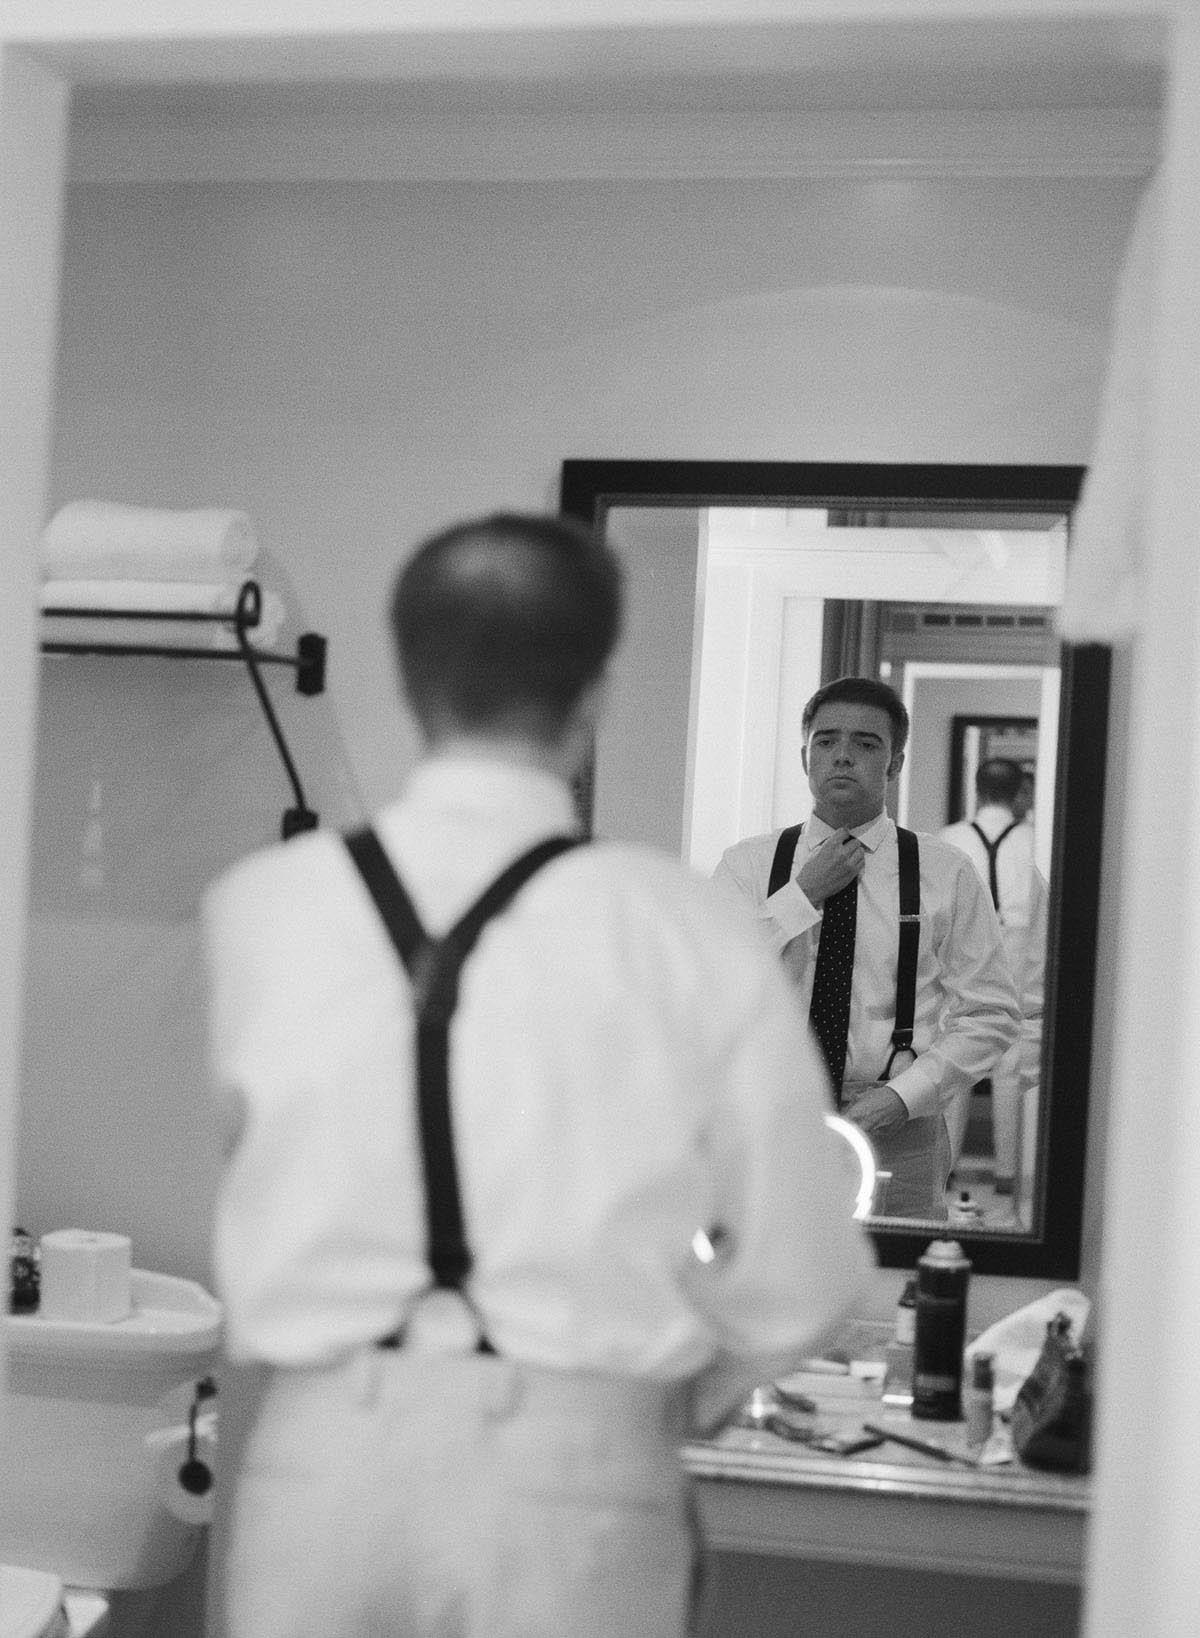 24-groom-suspenders-getting-ready.jpg